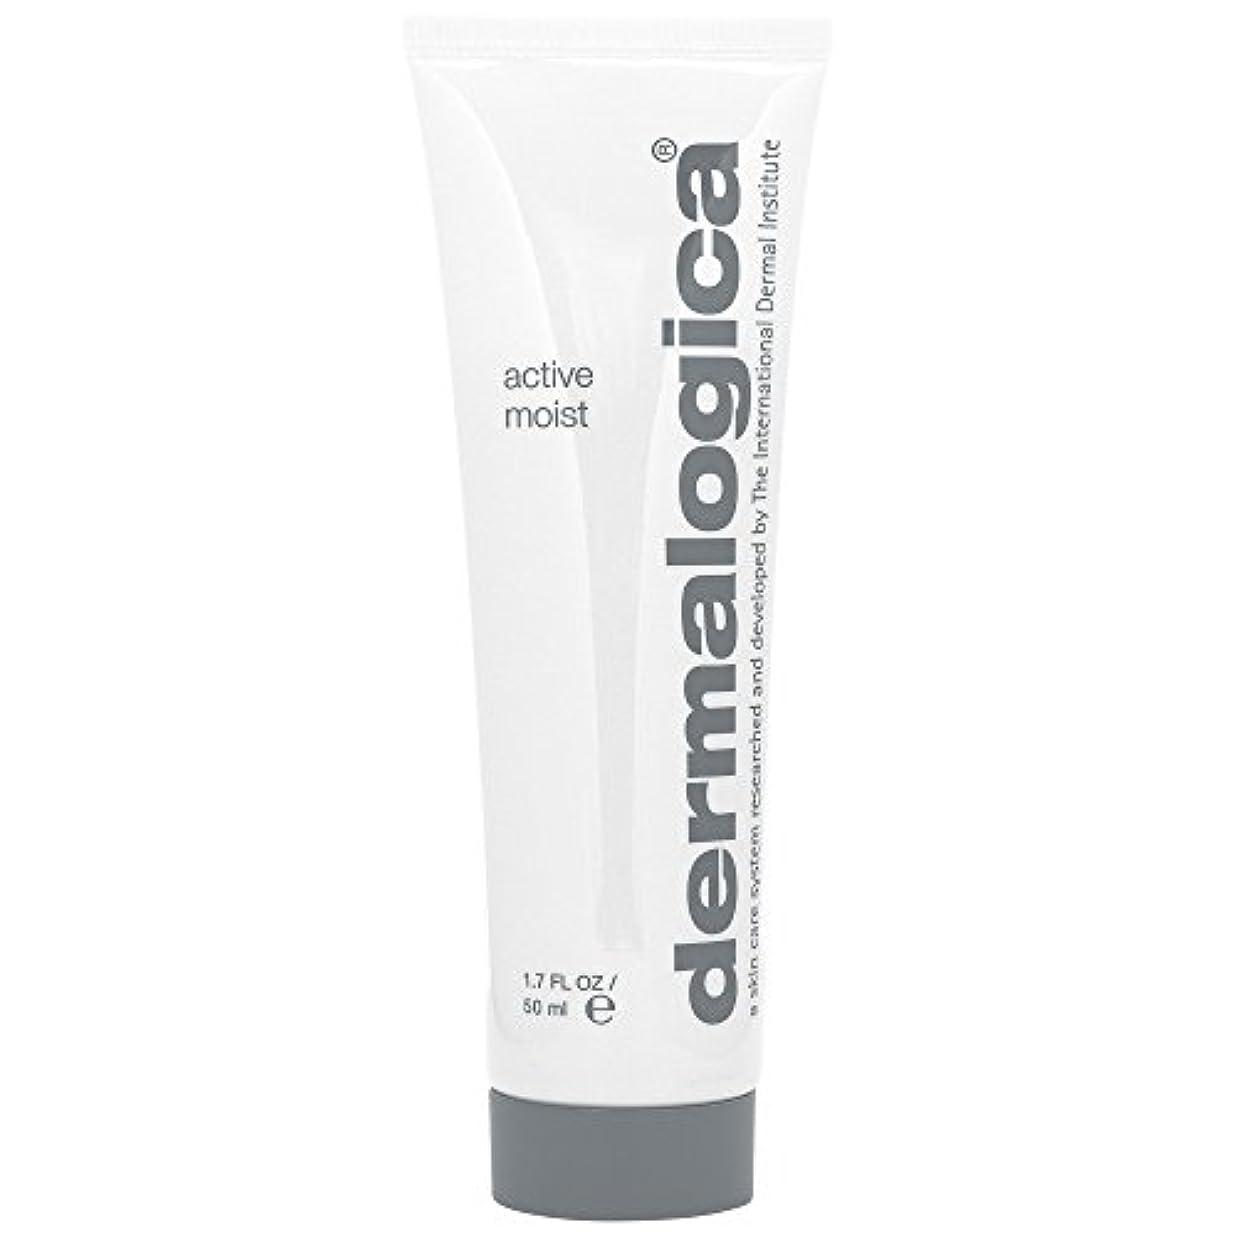 実装するはぁ分離するダーマロジカアクティブ湿った顔の保湿剤の50ミリリットル (Dermalogica) (x2) - Dermalogica Active Moist Facial Moisturiser 50ml (Pack of 2)...